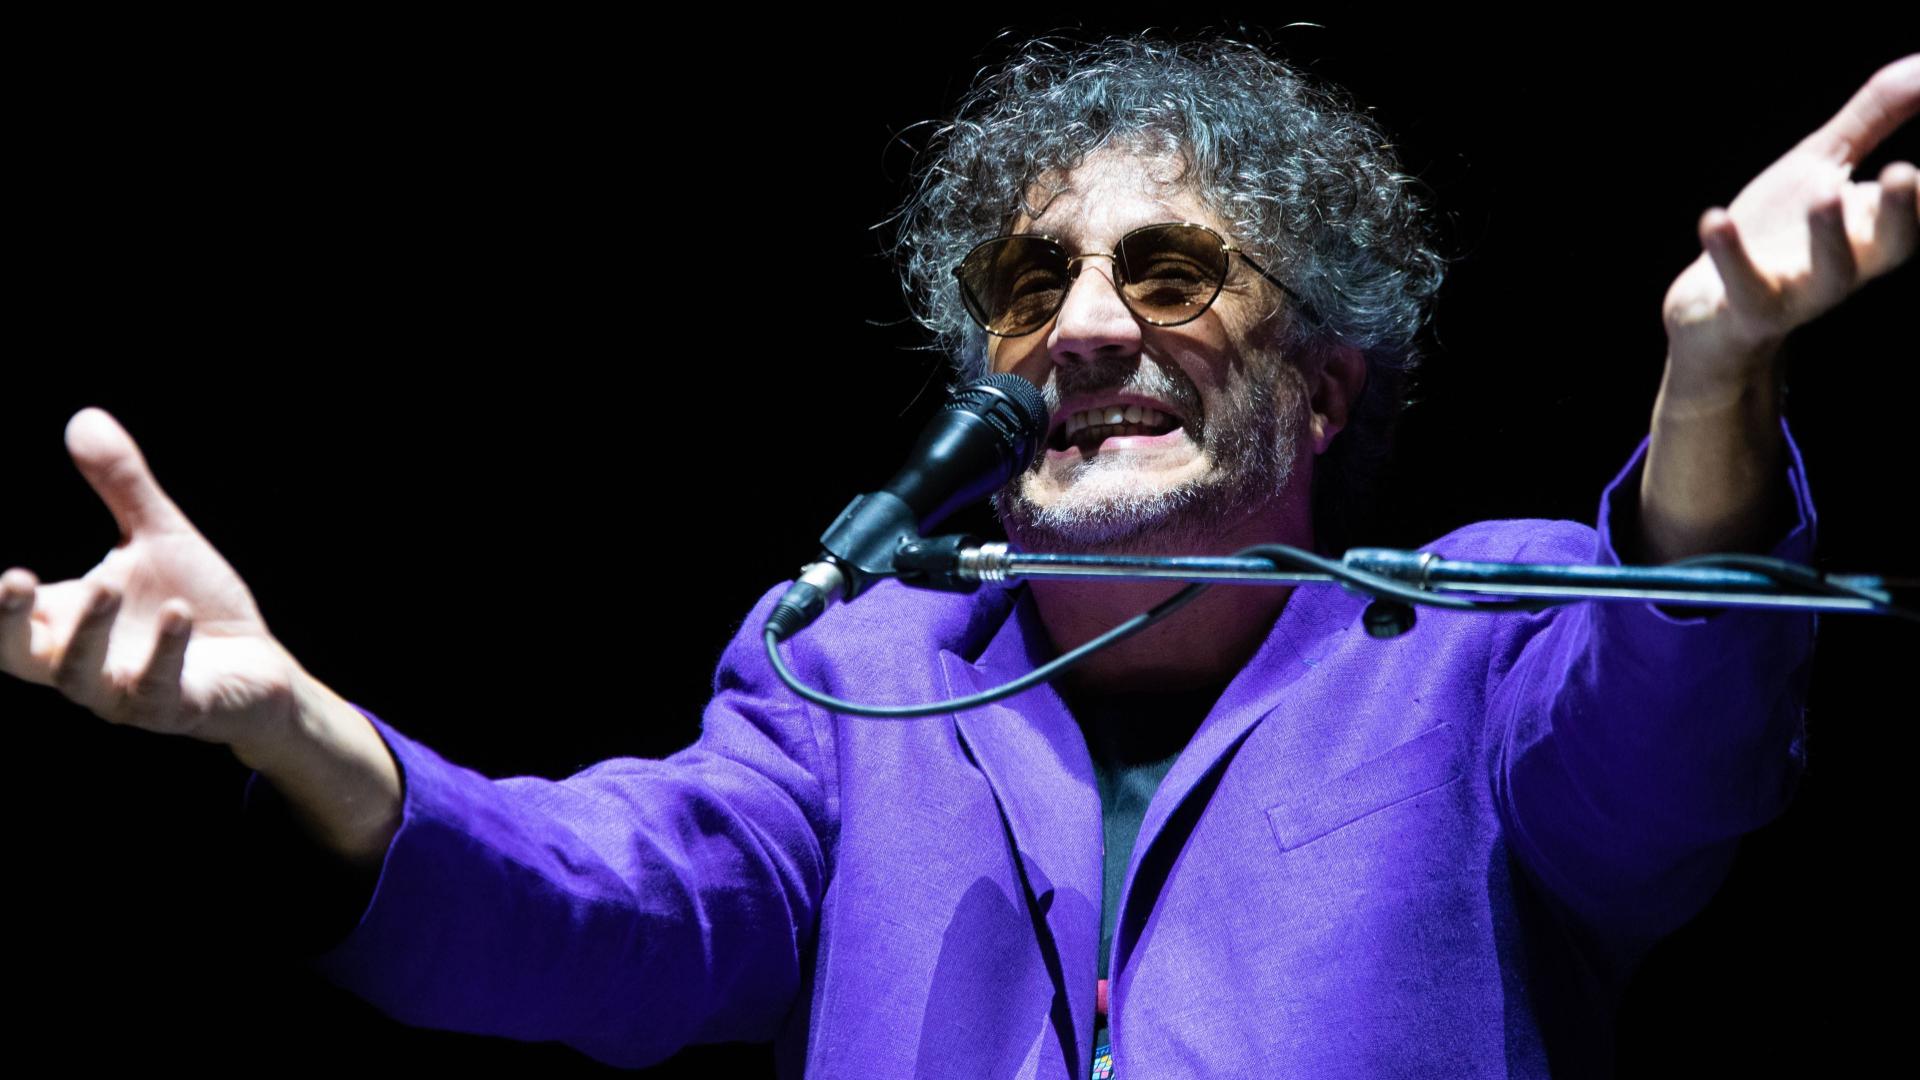 Fito Páez fue el artista con mayor trayectoria que se presentó en la edición 2020 del Buena Vibra. Con un repertorio 100% hitero, que abarcó casi todas sus épocas, cautivó al público joven del festival (Franco Fafasuli)